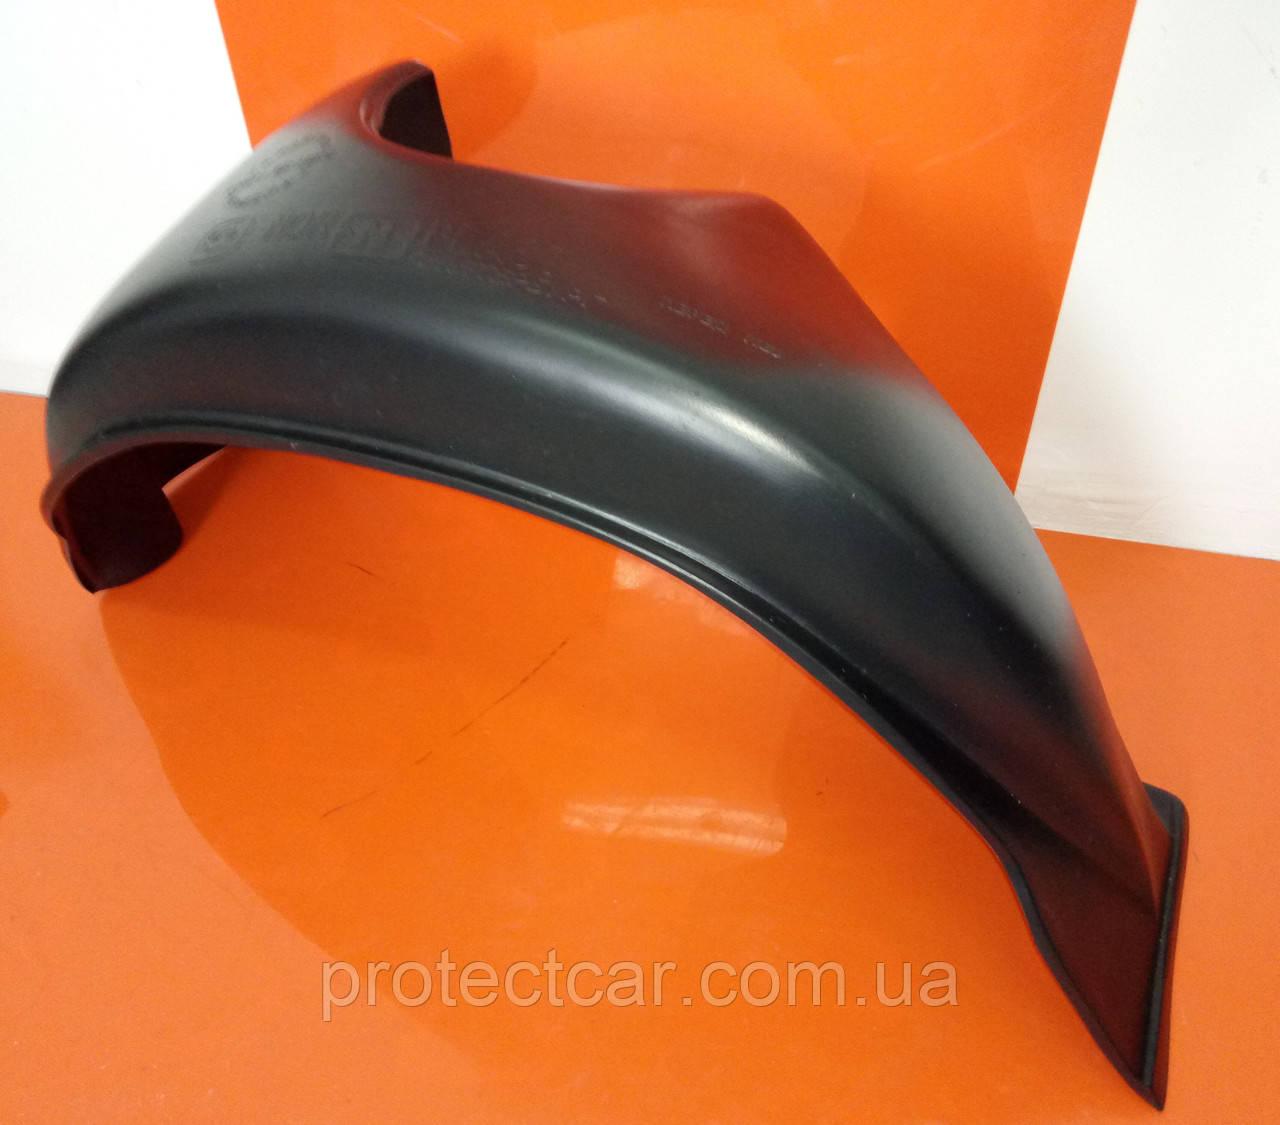 Подкрылки защита арок AUDI 80 (B3) задние, задні підкрилки Ауди 80 Б3